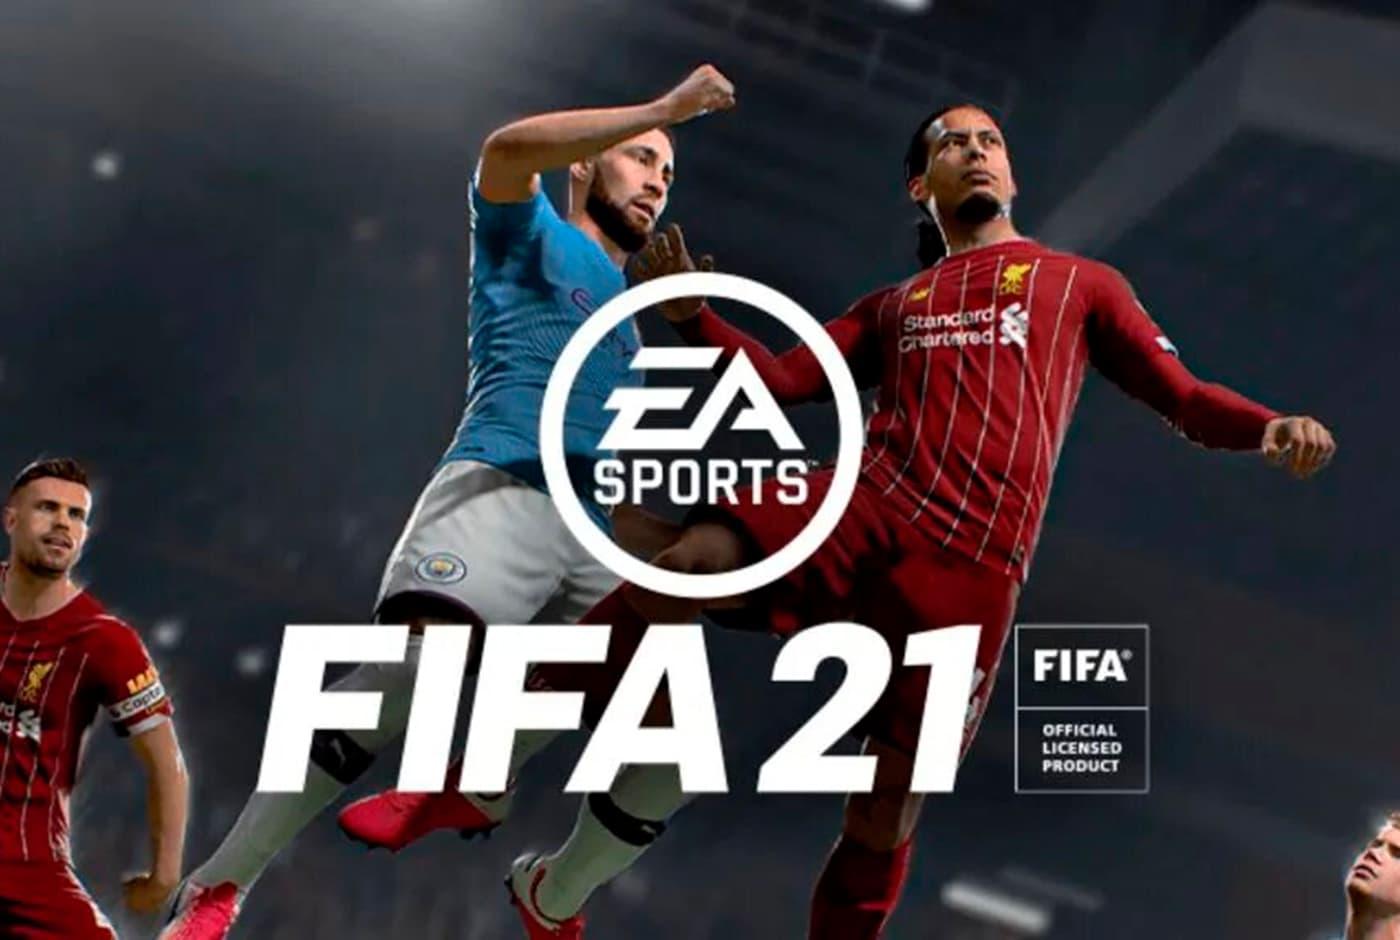 FIFA 21 vuelve a encabezar las listas de más vendidos del Reino Unido 3